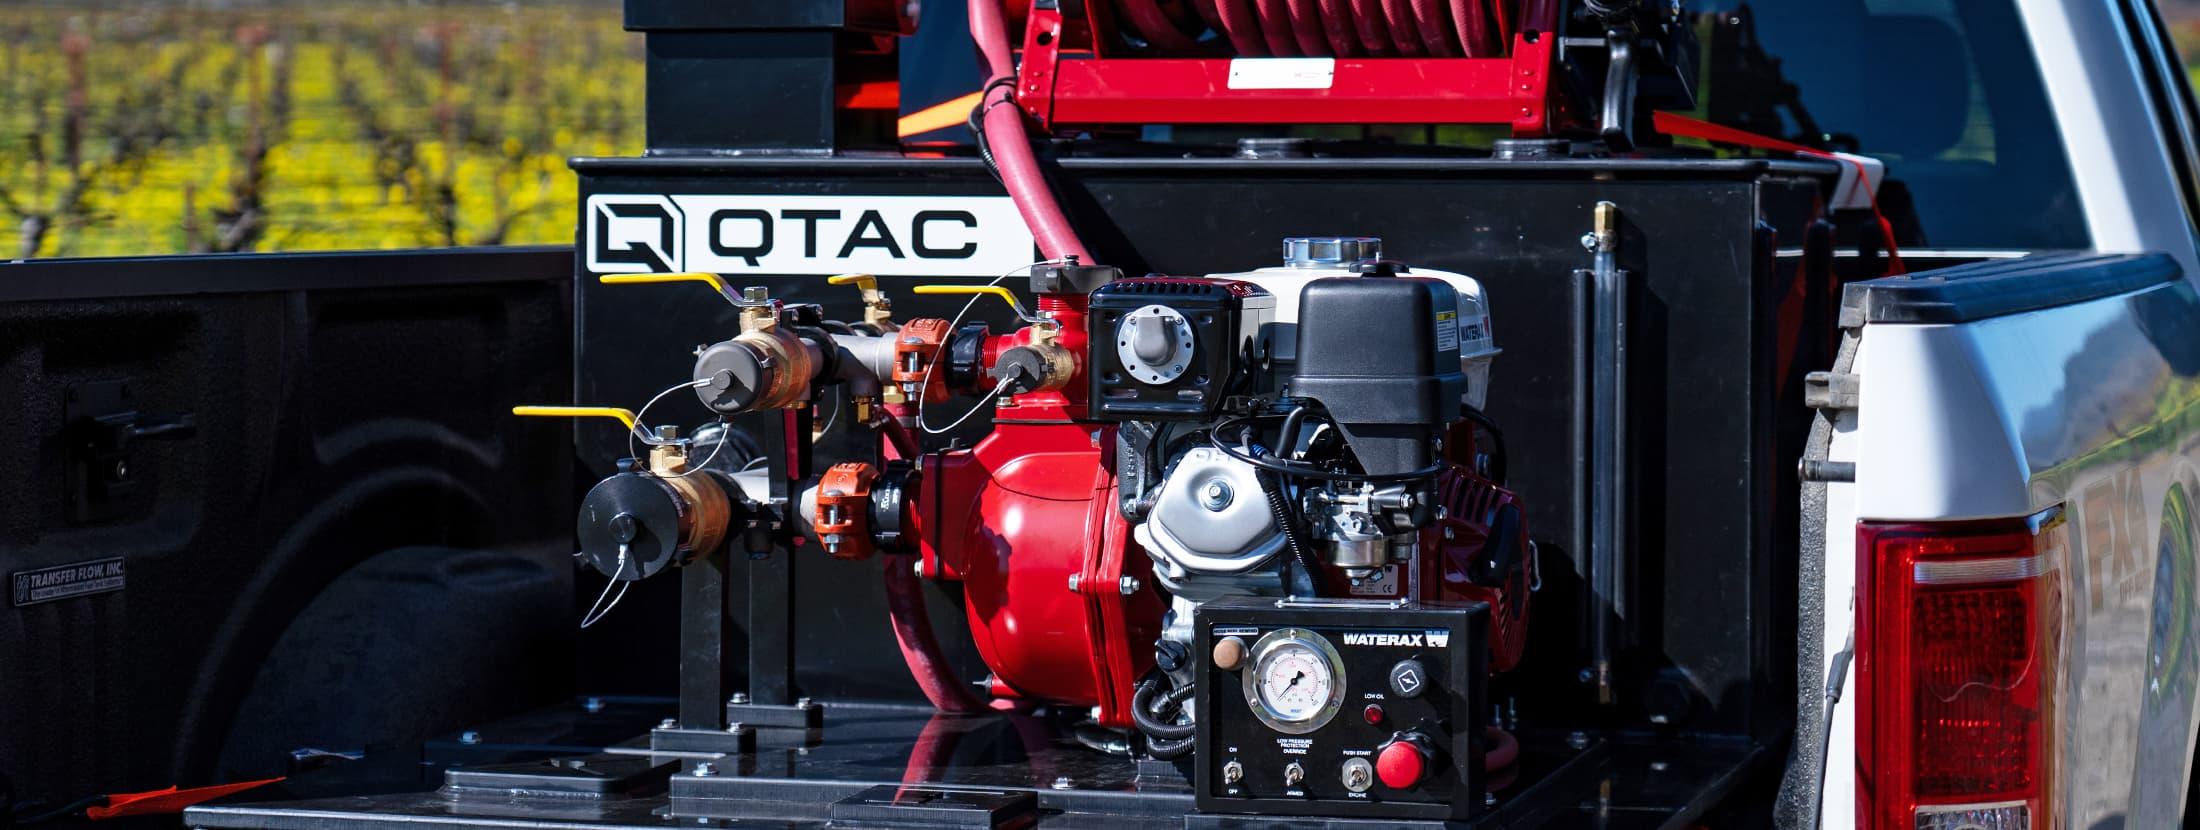 QTAC Tsunami Pro Series Truck Skids